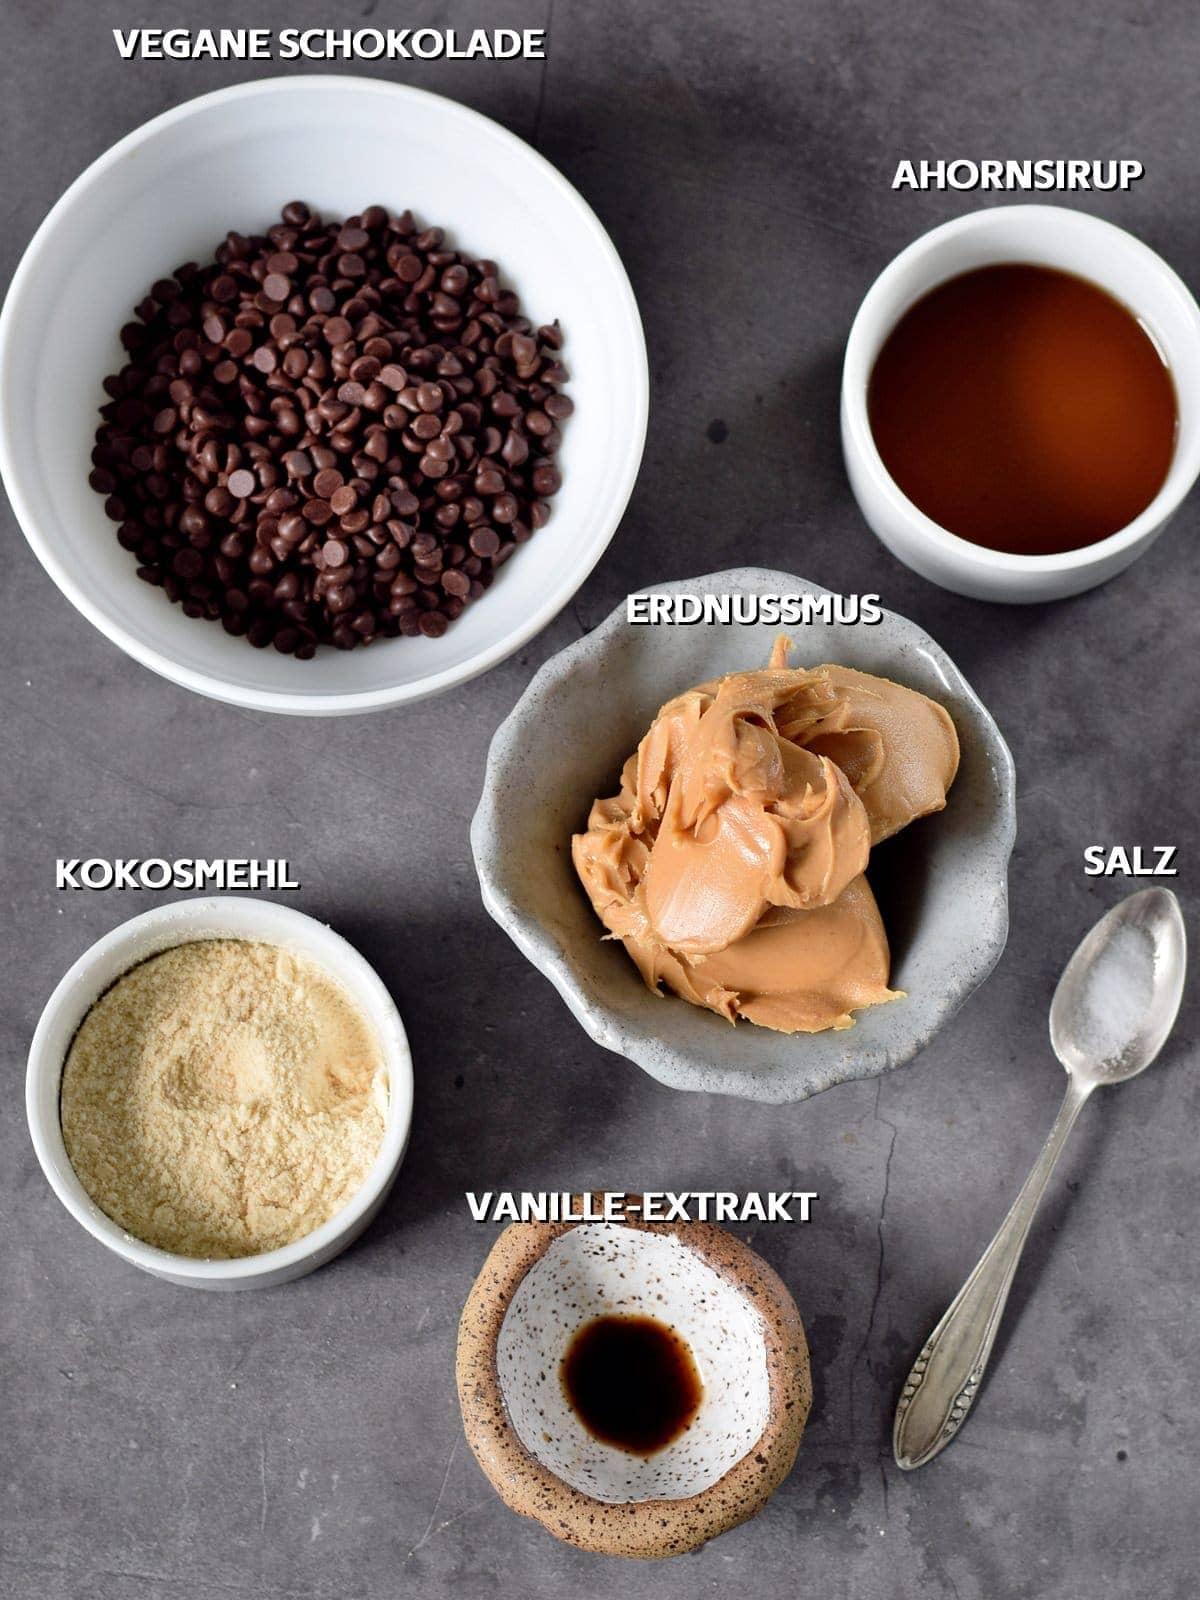 vegane schokolade, ahornsirup, erdnussmus, kokosmehl, vanille-extract, salz auf grauem hintergrund